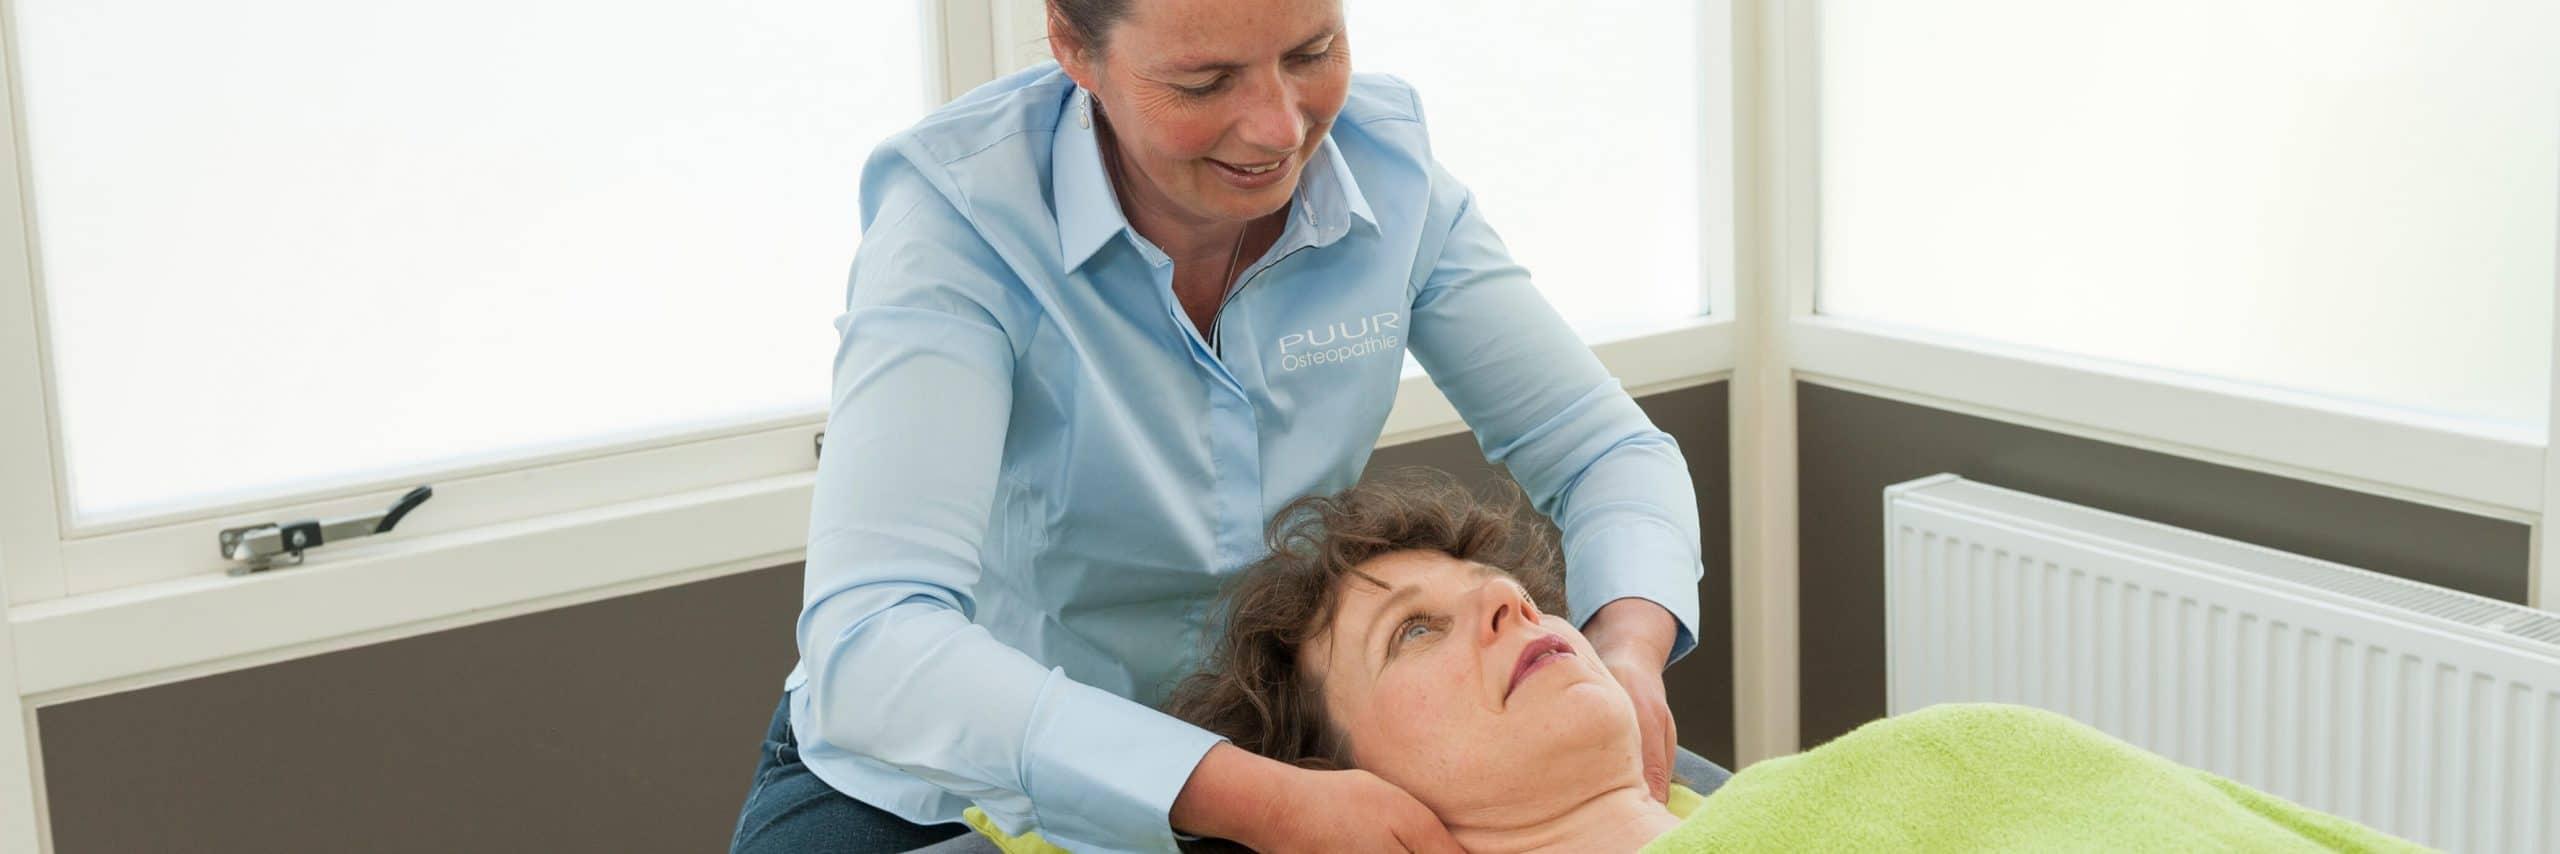 Iedere vrouw ervaart wel eens pijnlijke borsten. Dit kan rondom je menstruatie zijn als gevolg van hormonen of door zwangerschap waardoor de borsten ineens veel gevoeliger zijn.